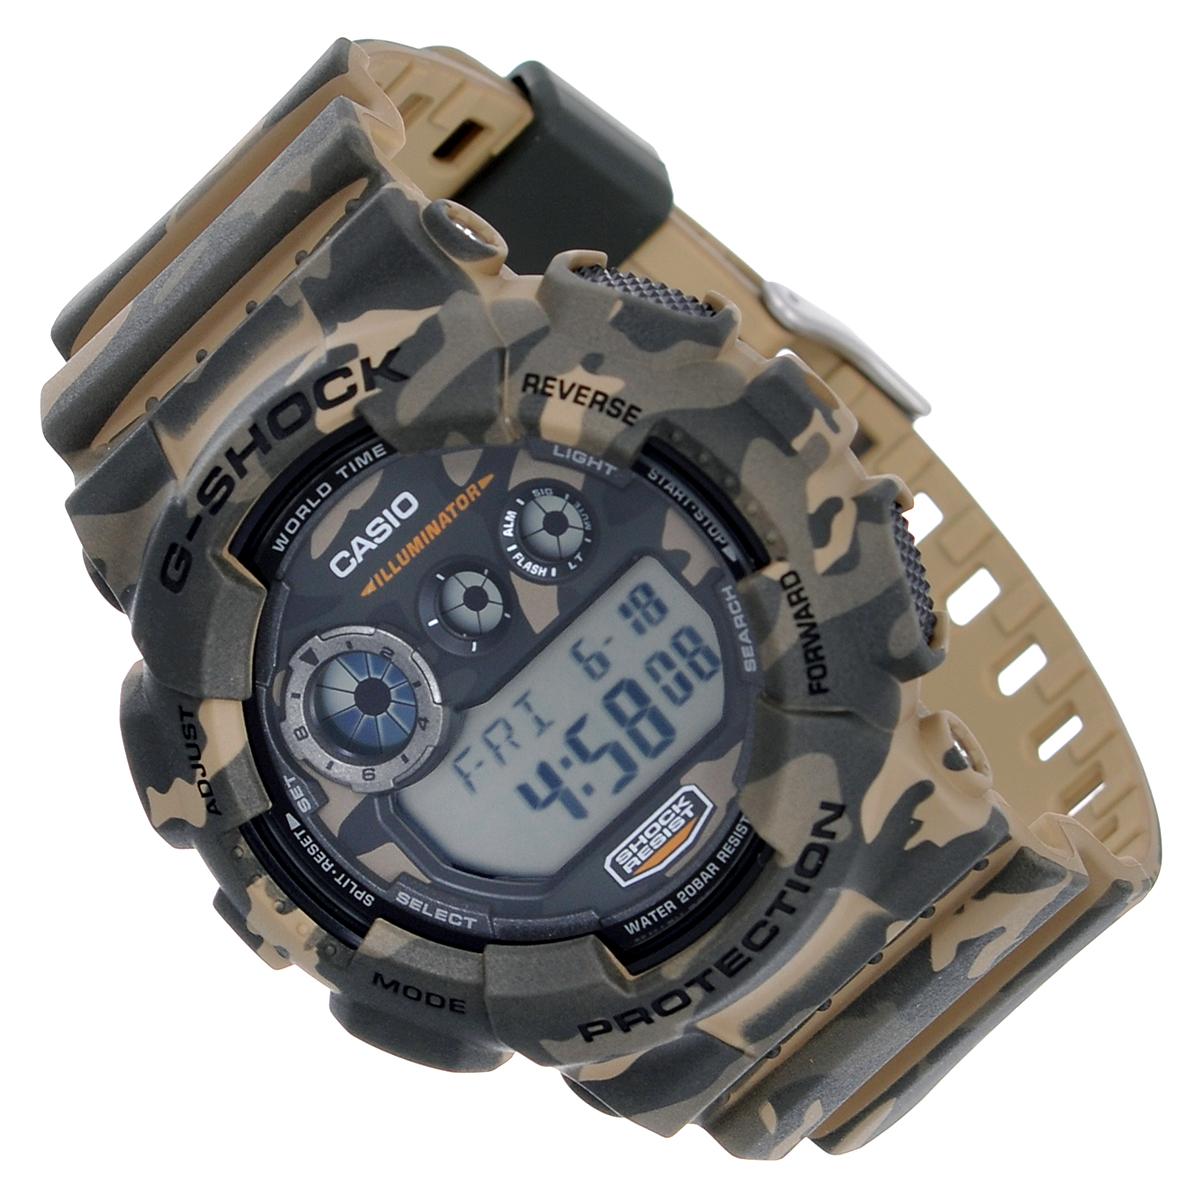 Часы мужские наручные Casio G-Shock, цвет: серый, камуфляж. GD-120CM-5EGD-120CM-5EСтильные часы G-Shock от японского брэнда Casio - это яркий функциональный аксессуар для современных людей, которые стремятся выделиться из толпы и подчеркнуть свою индивидуальность. Часы выполнены в спортивном стиле. Корпус имеет ударопрочную конструкцию, защищающую механизм от ударов и вибрации. Циферблат подсвечивается светодиодной автоматической подсветкой. При движении руки дисплей освещается ярким светом. Ремешок из мягкого пластика имеет классическую застежку. Основные функции: - 5 будильников, один из которых с функцией Snooze, ежечасный сигнал; - автоматический календарь (число, месяц, день недели, год); - сплит-хронограф; - секундомер с точностью показаний 1/100 с, время измерения 24 часа; - 12-ти и 24-х часовой формат времени; - таймер обратного отсчета от 1 мин до 24 ч; - мировое время; - функция включения/отключения звука. Часы упакованы в...